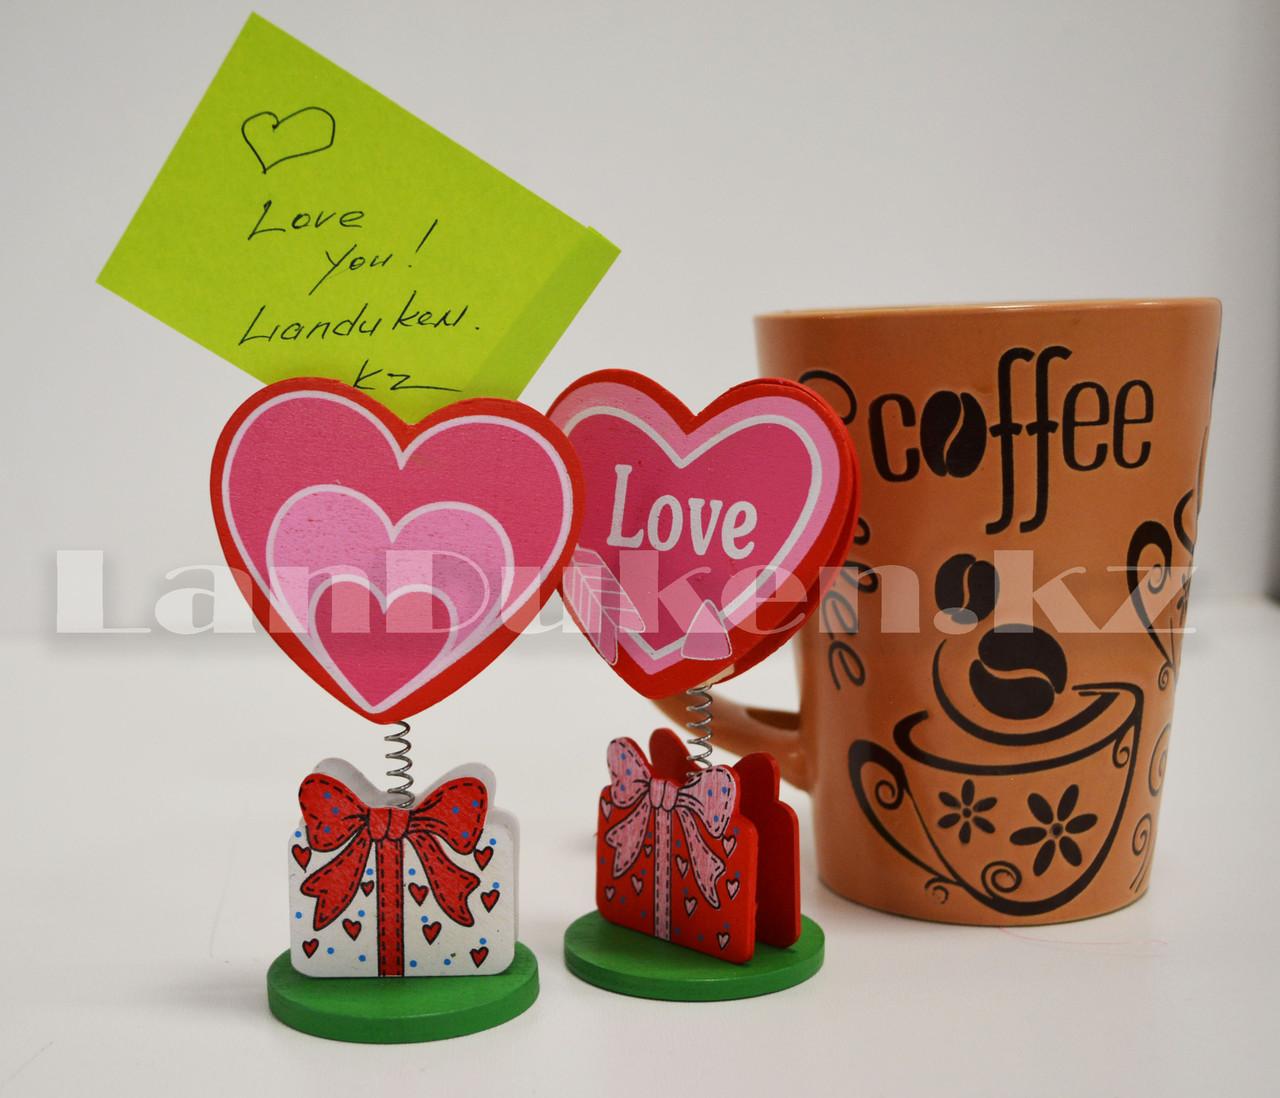 Настольная прищепка для визиток посланий и фотографий в виде сердца деревянные Валентинки в ассортименте - фото 2